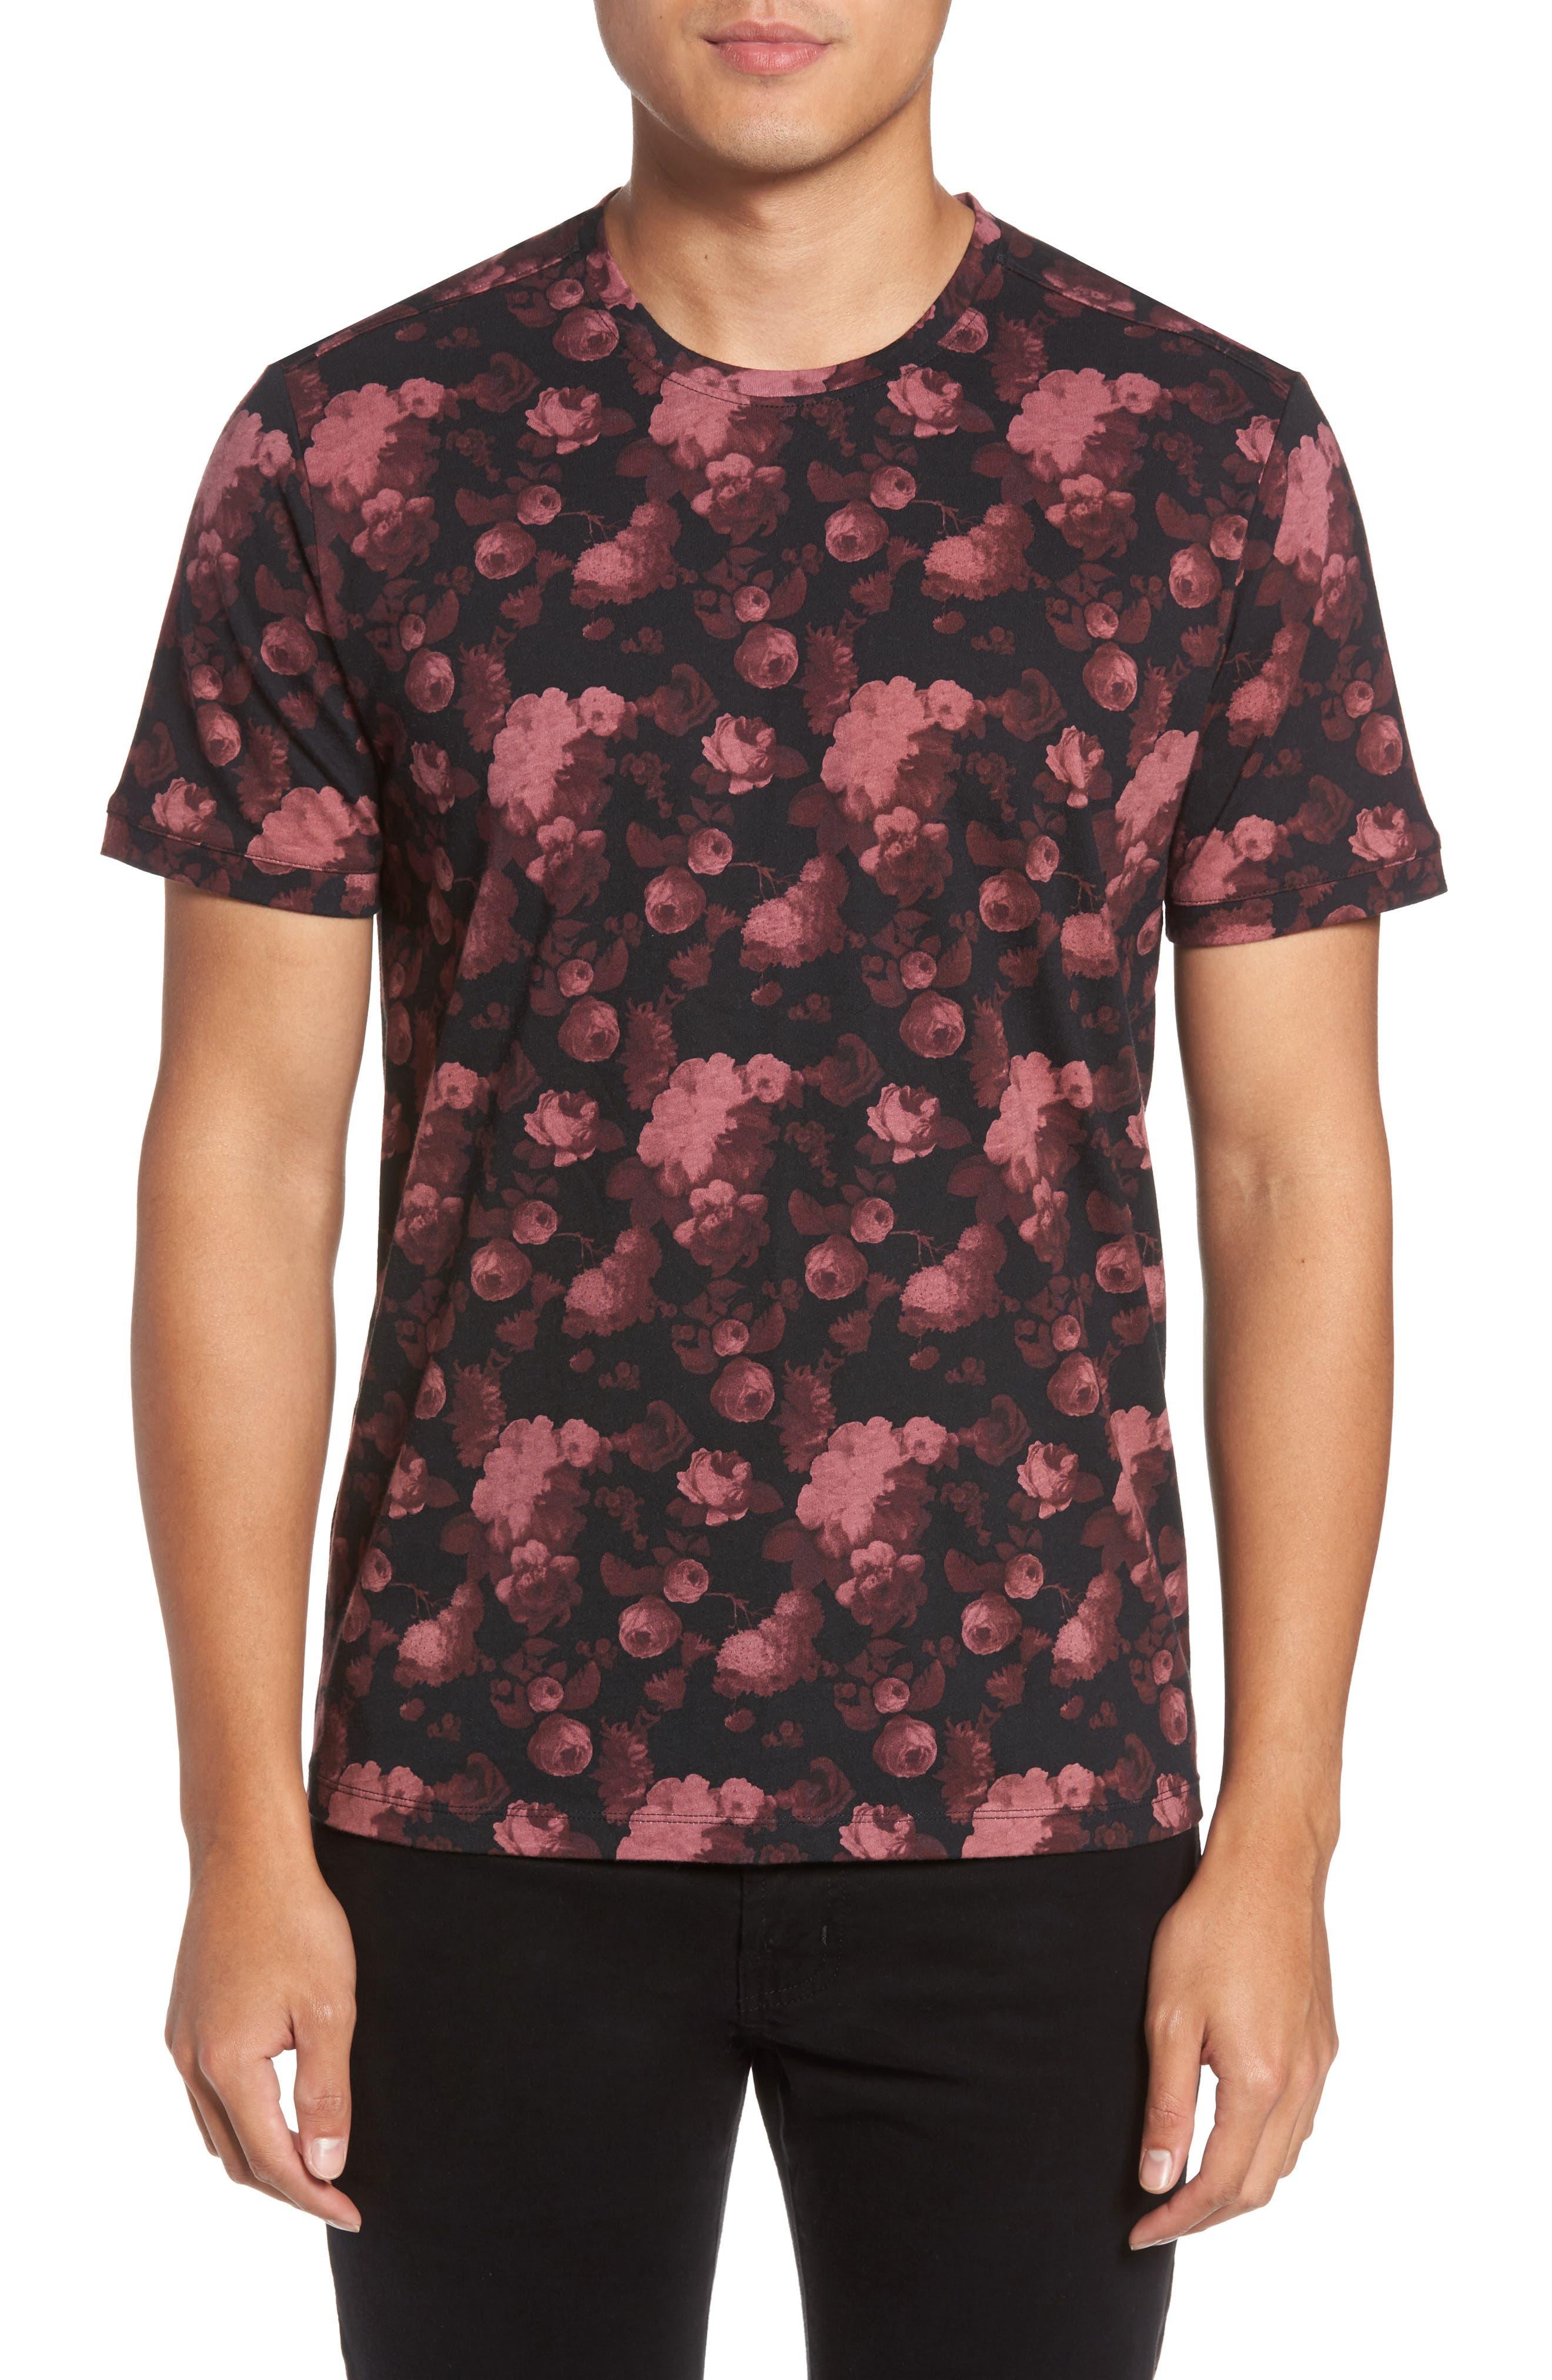 CALIBRATE Print T-Shirt